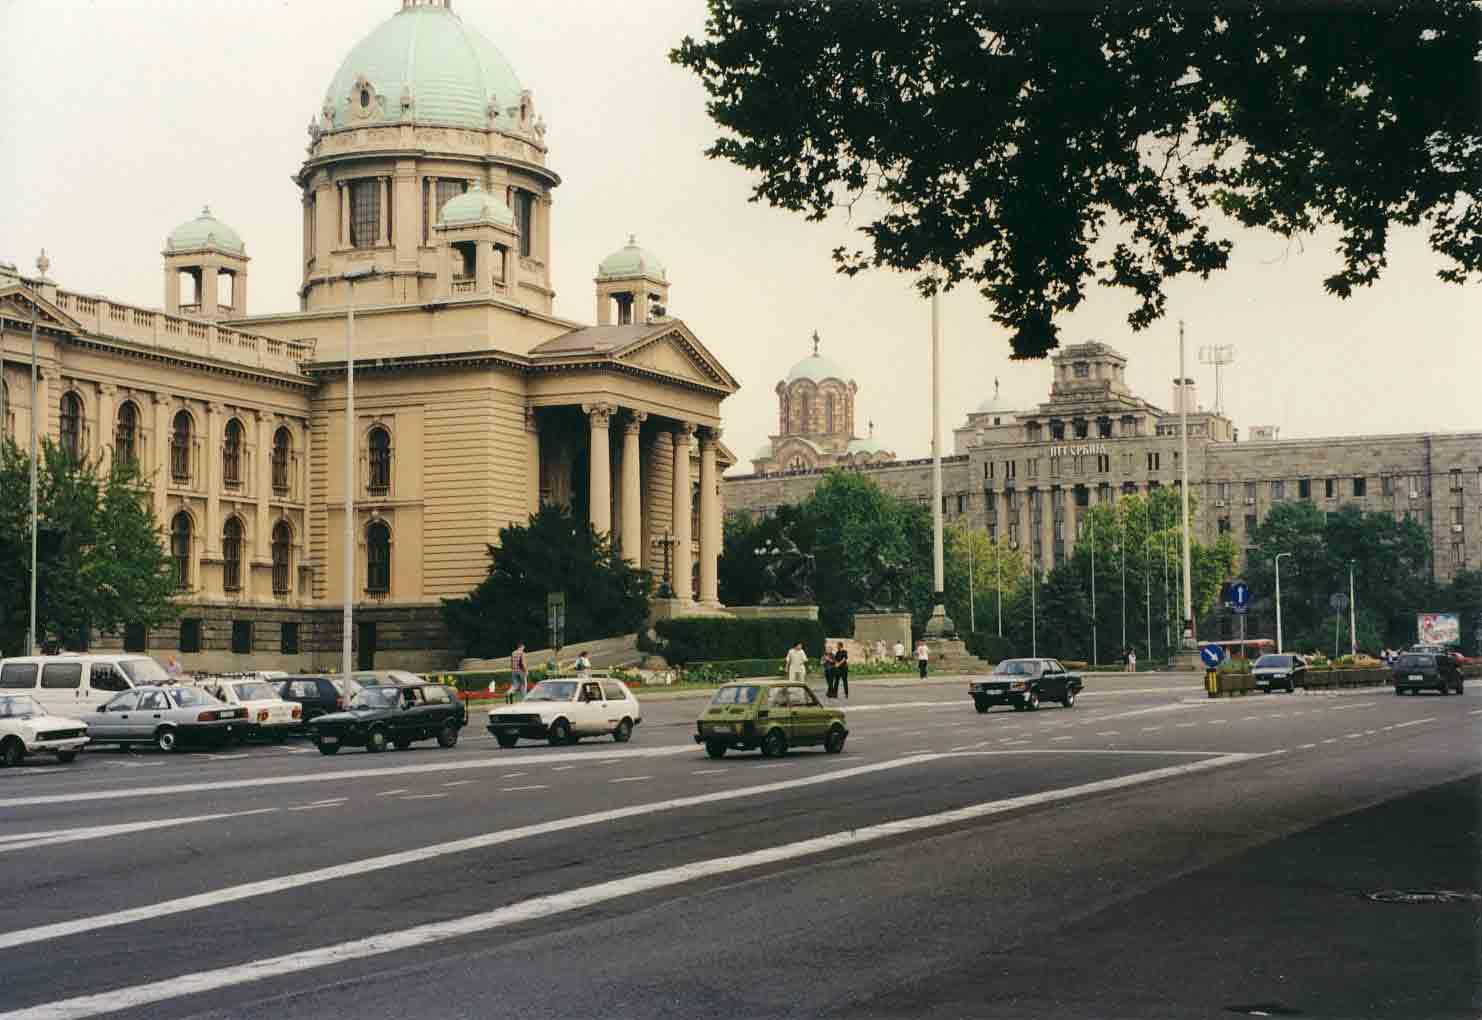 Belgrad Eesimleri (Sırbıstan)